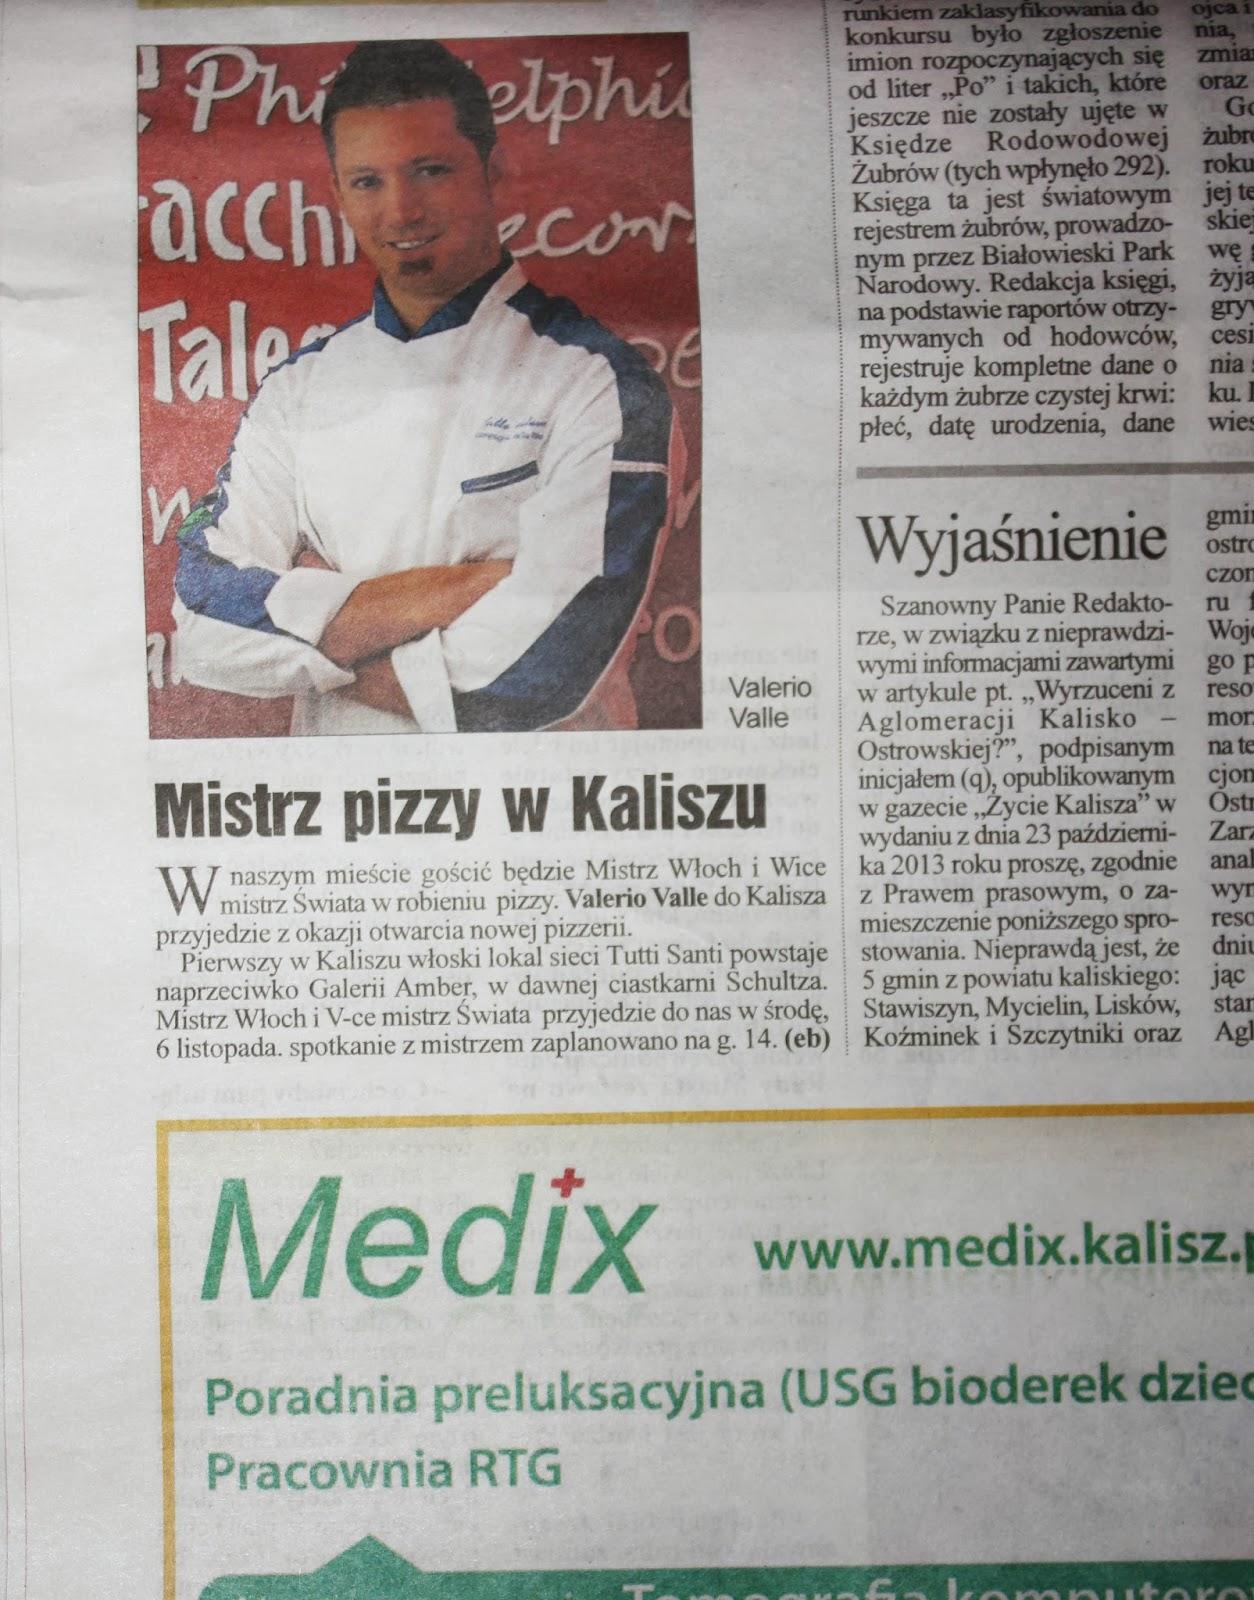 Mistrz pizzy w Zaliszu- Arriva a Kalisz il maestro della Pizza